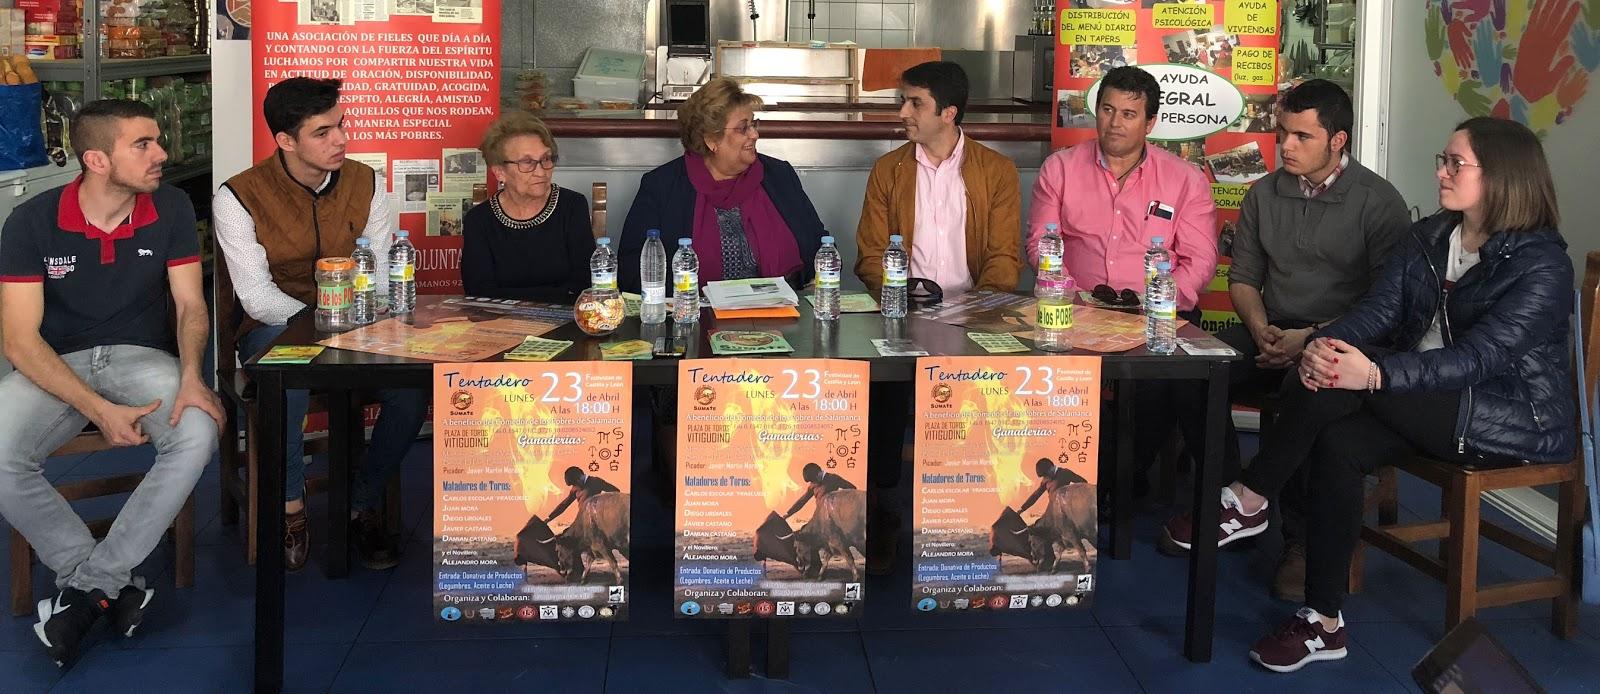 Tentadero Solidario a favor del Comedor de los  Pobres